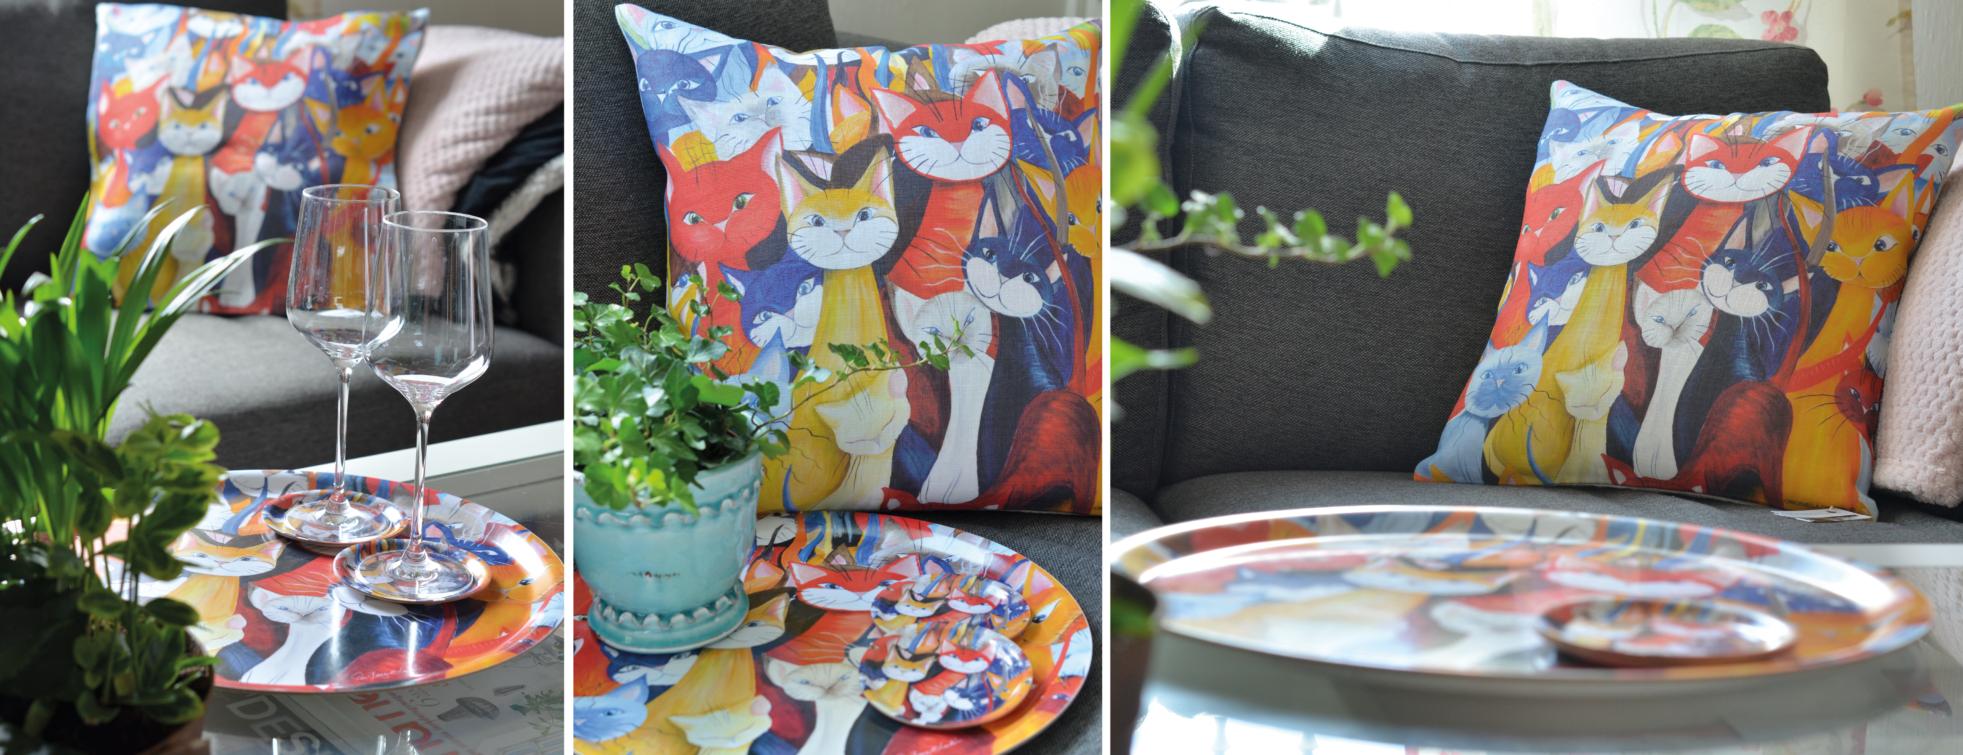 Runda brickor, glasunderlägg och kuddar med katter i mångfald.